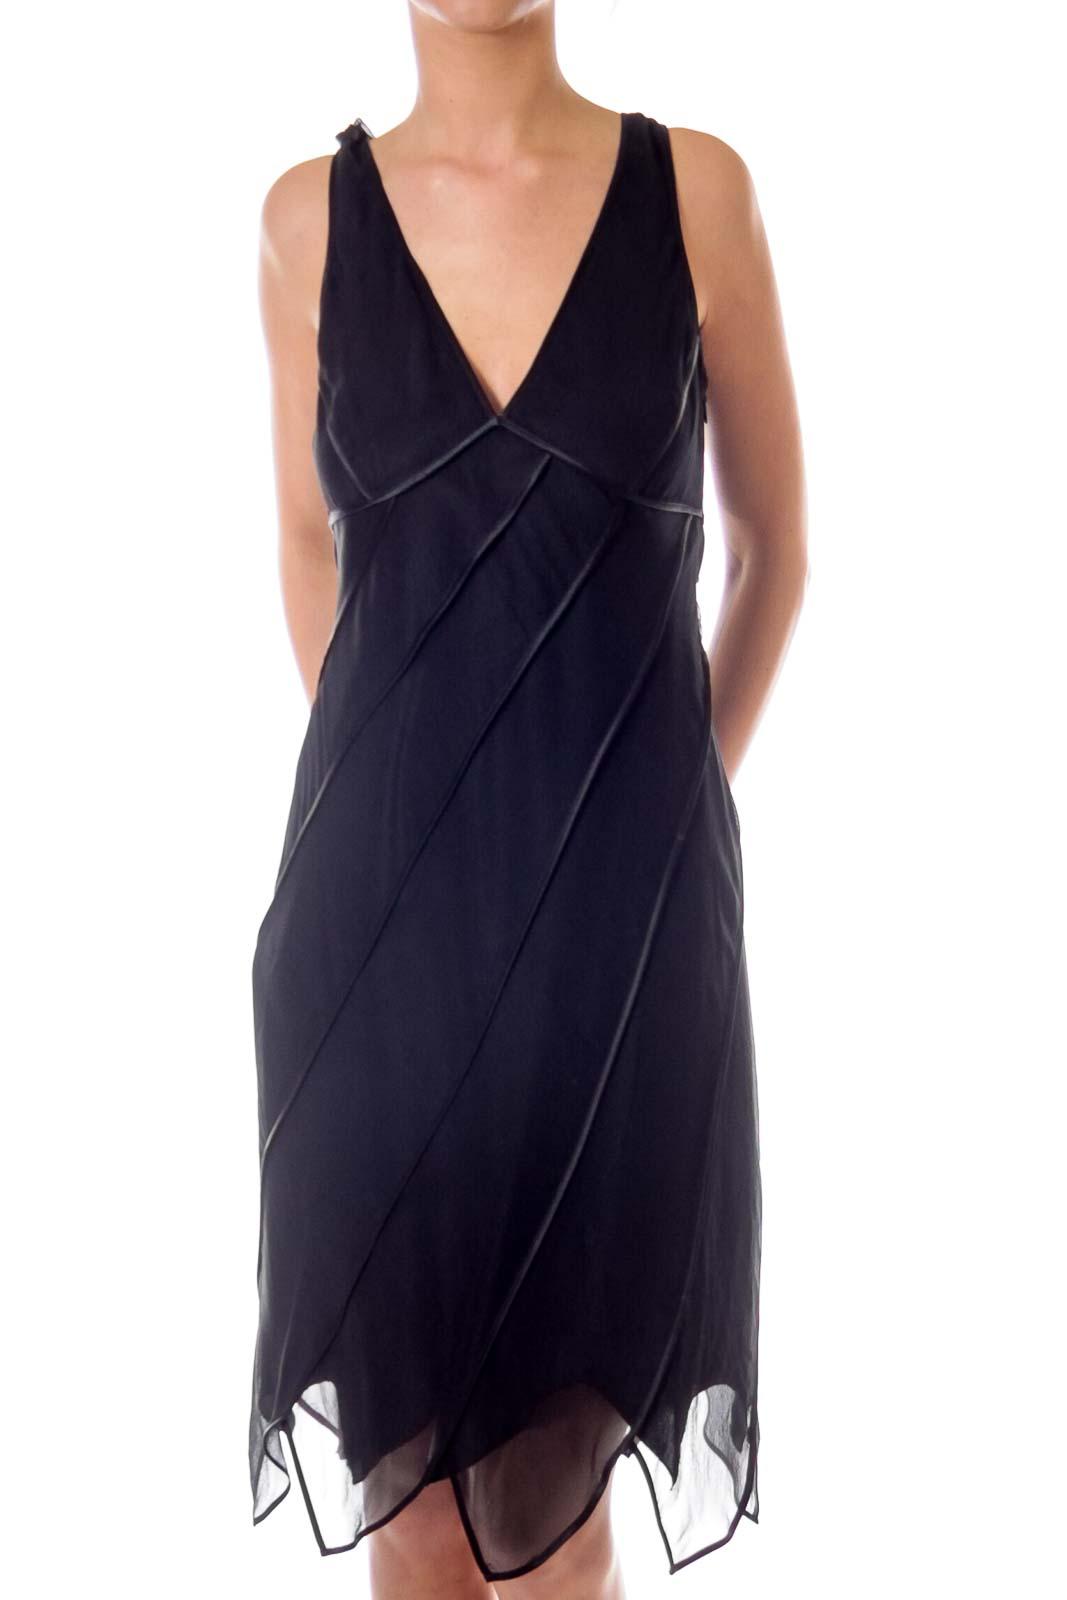 Black V-neck Cocktail Dress Front